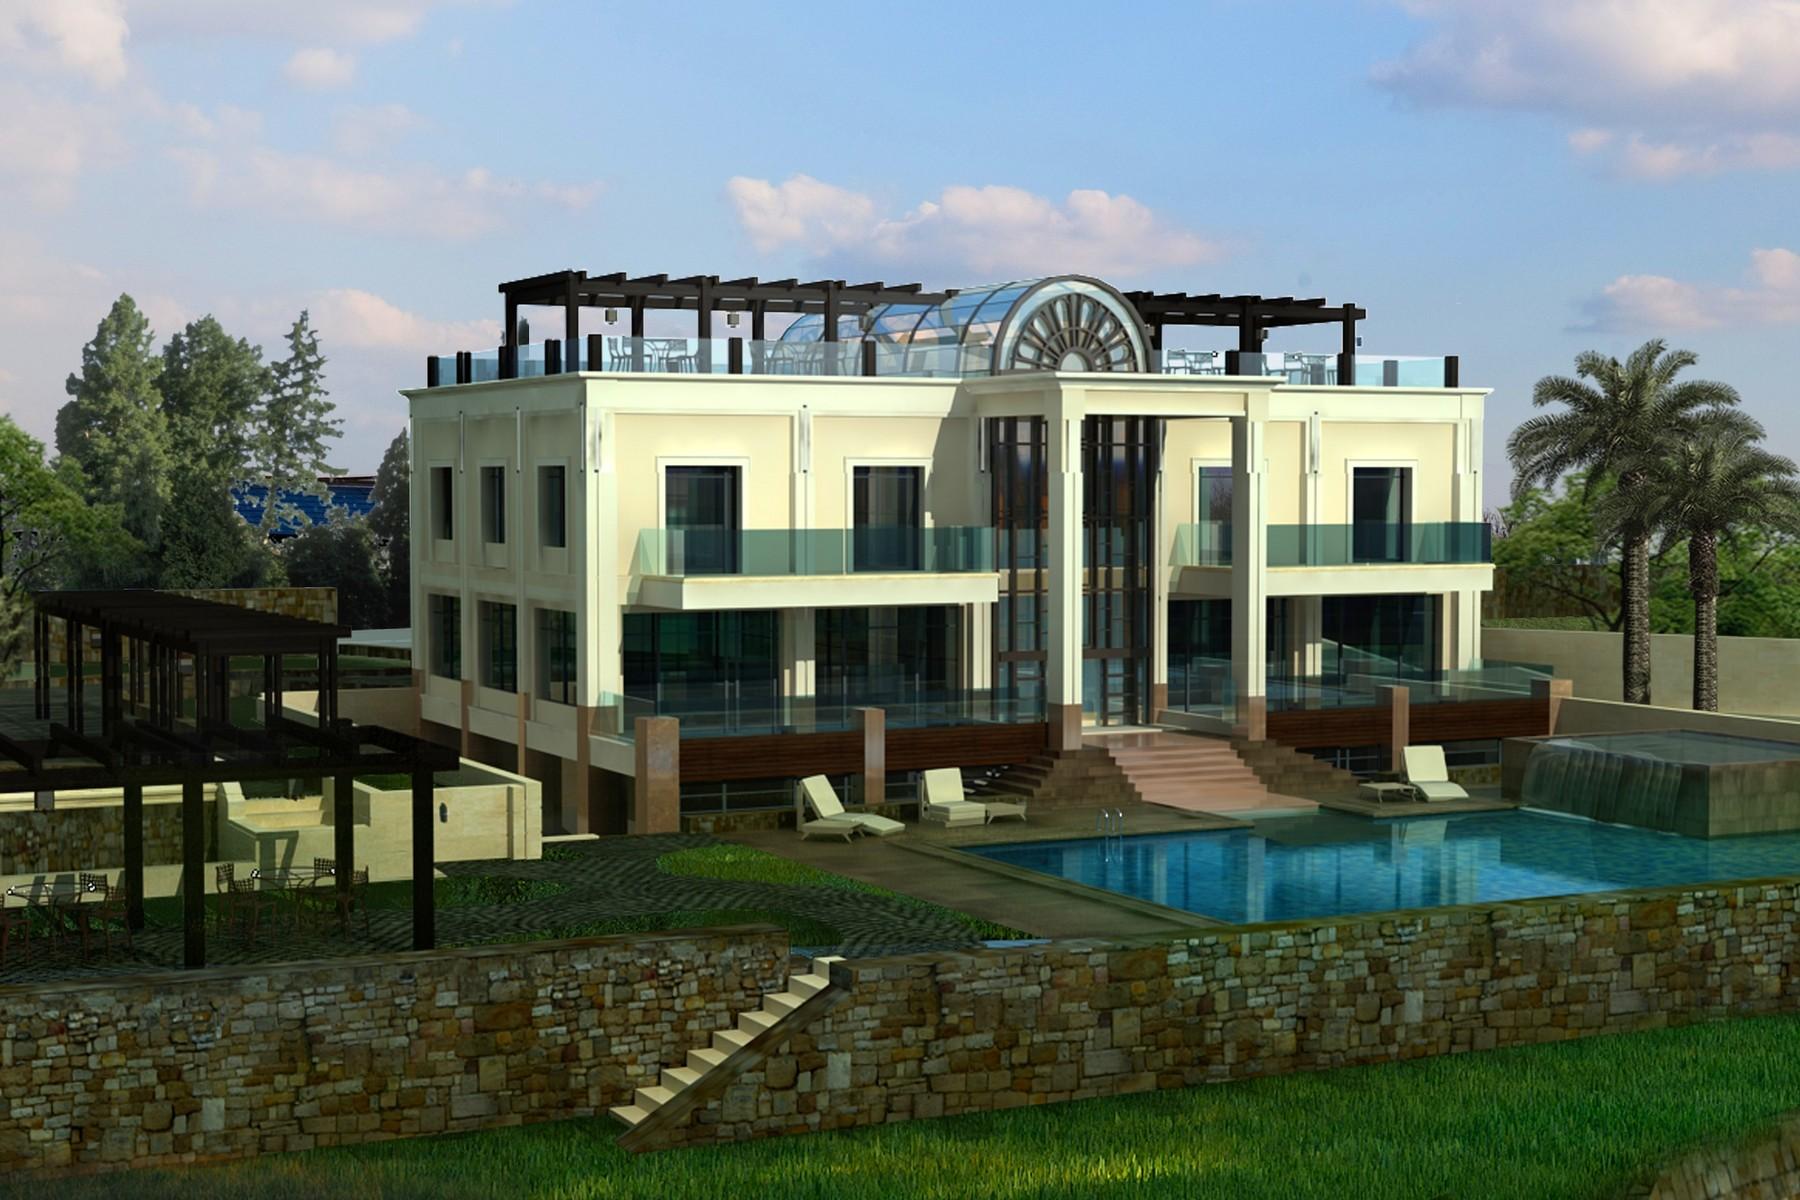 Single Family Home for Sale at Luxury House in Kavouri Vouliagmeni, Kavouri, South Athens Vouliagmeni, Attiki 16671 Greece